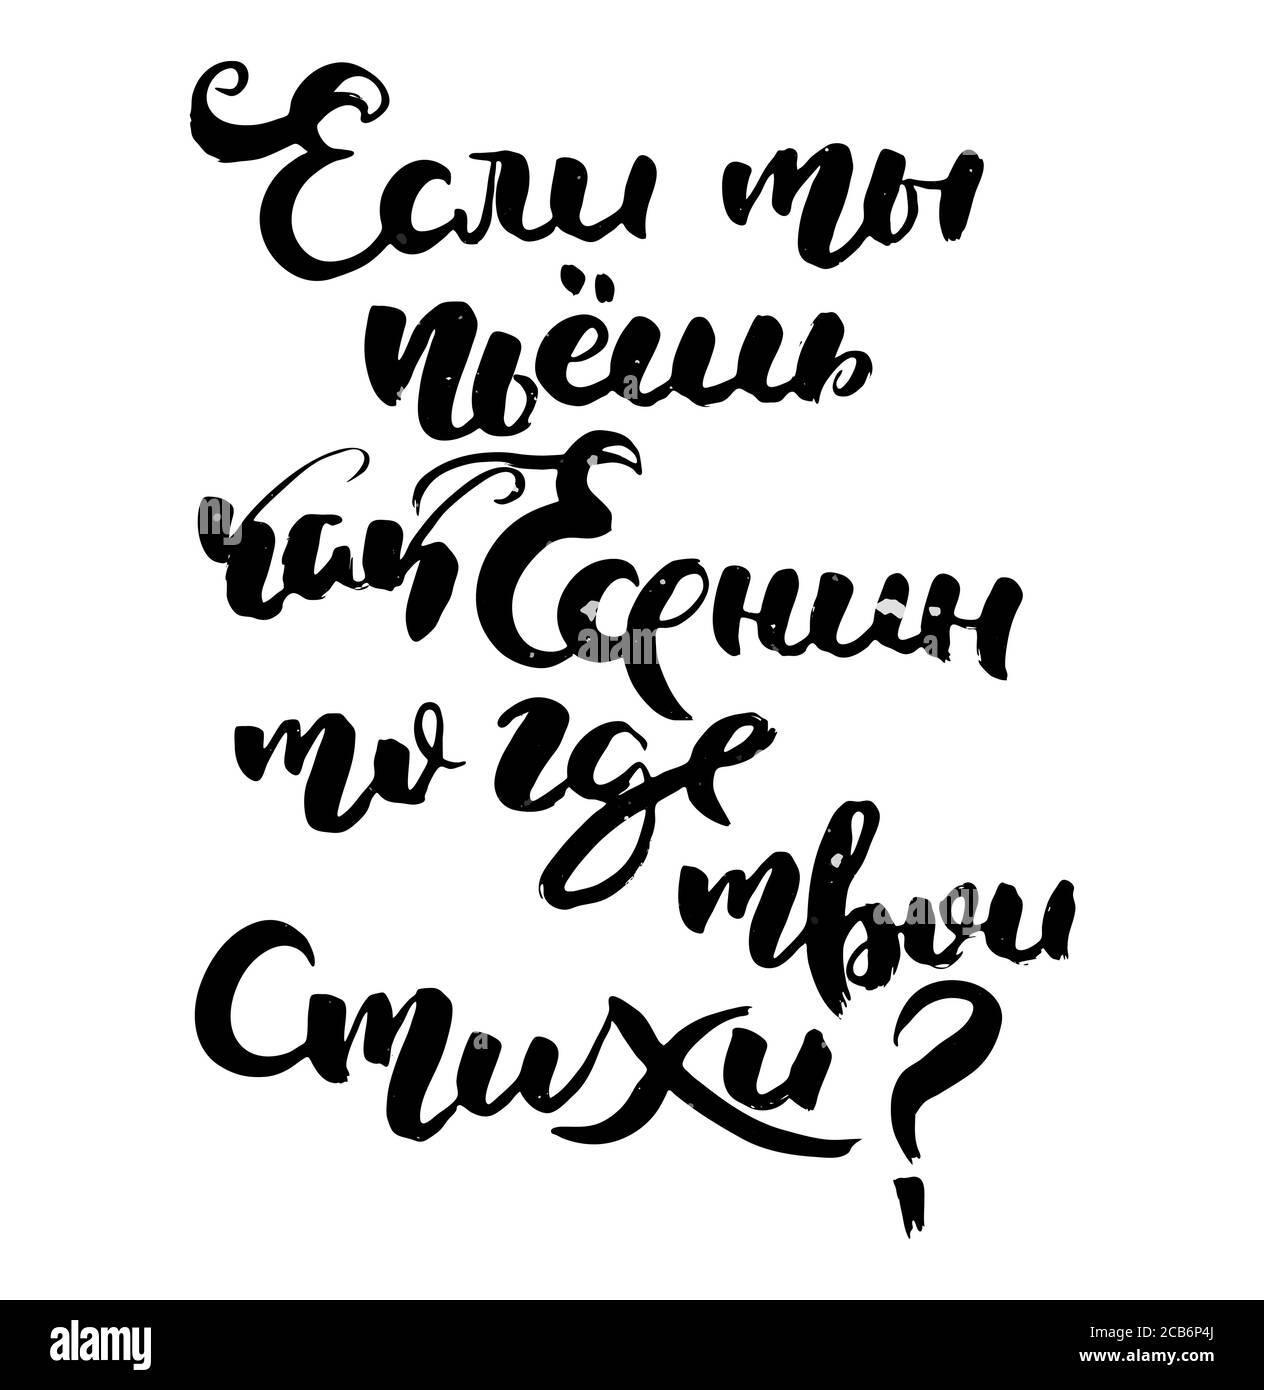 Si vous buvez comme Yesenin, alors où sont vos poèmes. Texte de motivation russe. Lettrage humoristique pour les cartes d'invitation et de vœux, les imprimés et les affiches Illustration de Vecteur